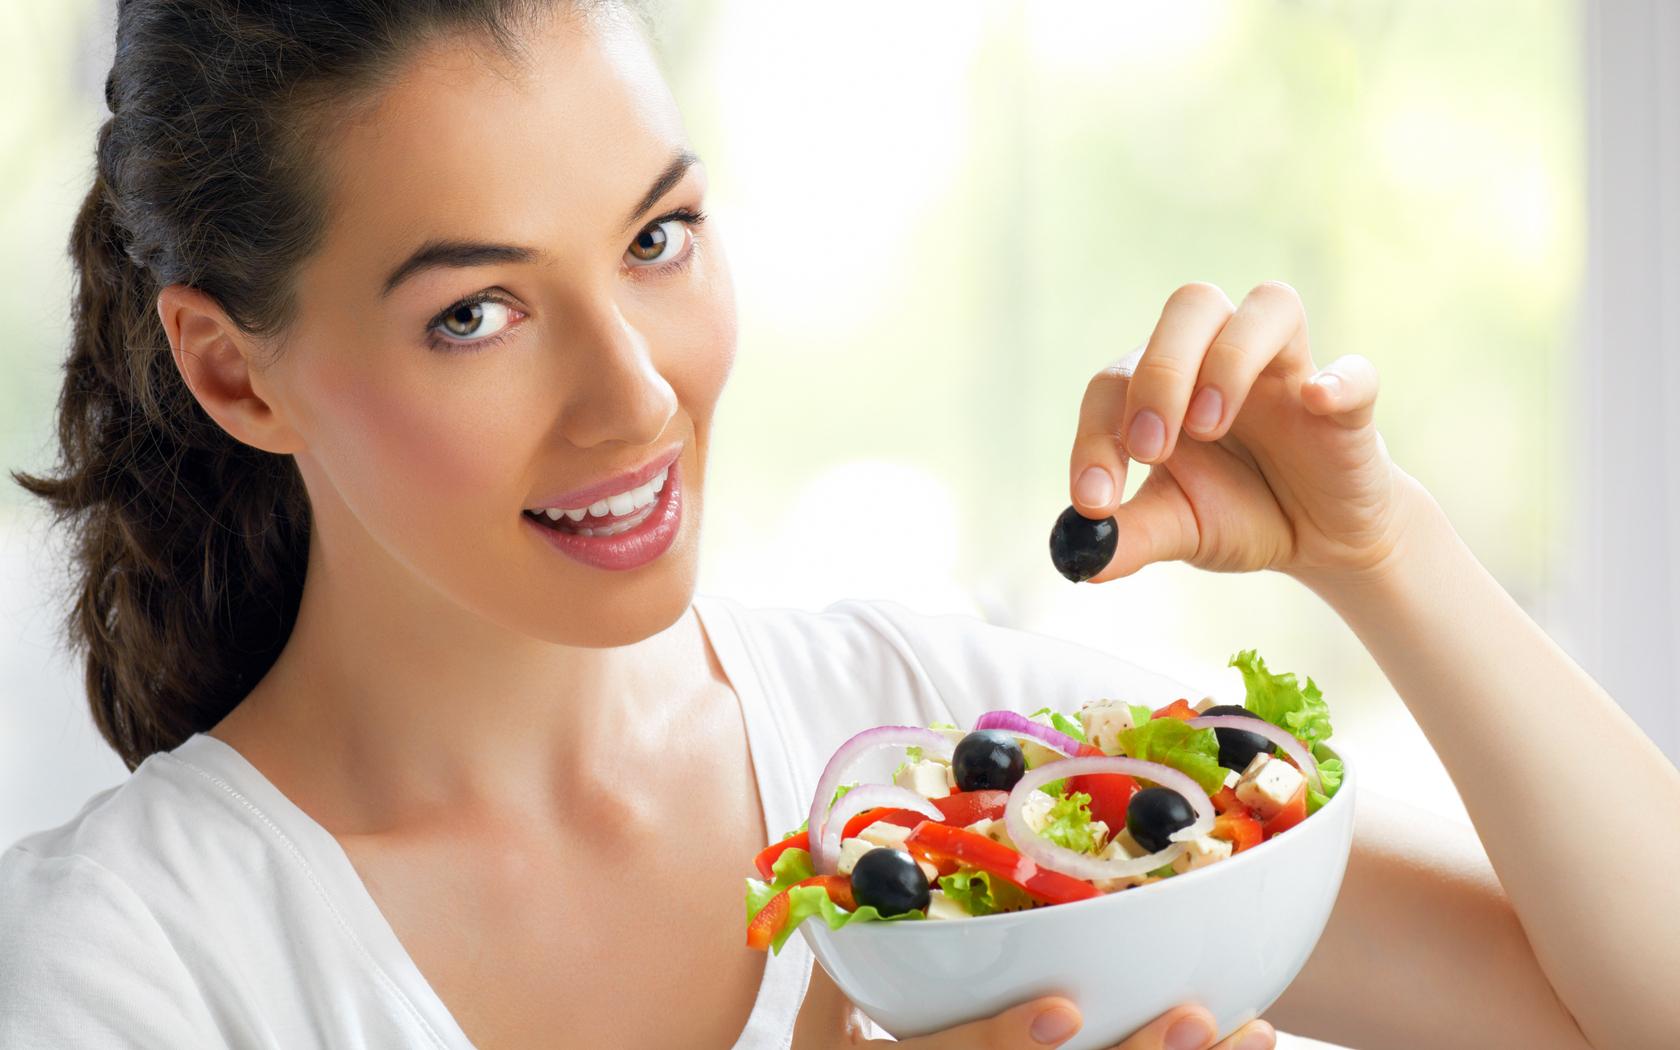 как быстро похудеть упражнения в домашних условиях